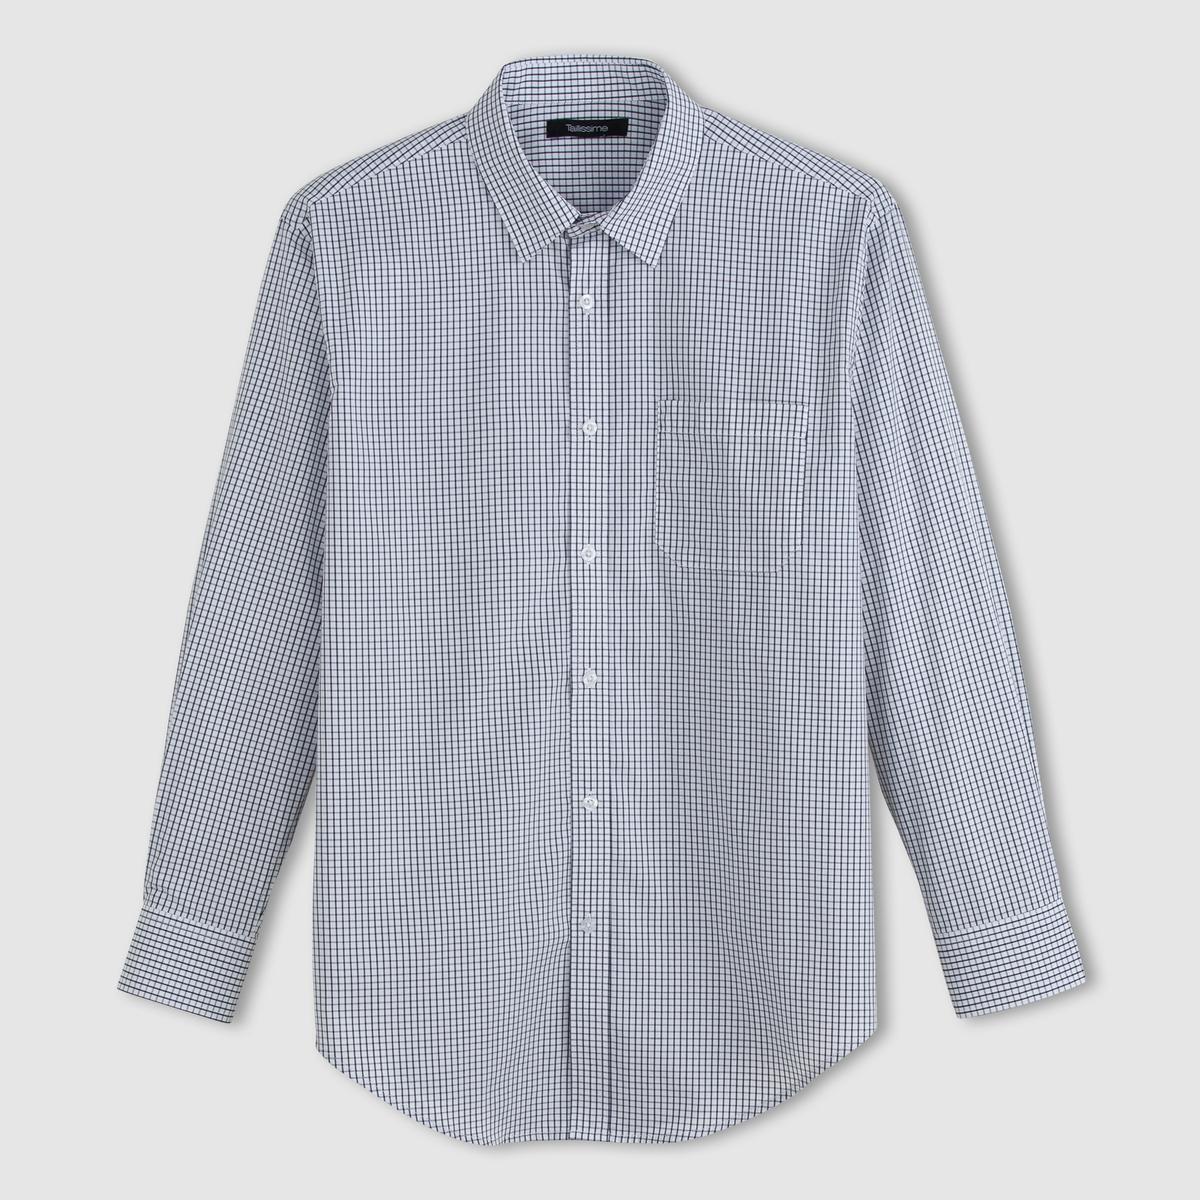 Рубашка из поплина с длинными рукавами, рост 3Рост 3 (при росте от 187 см). - длина рубашки спереди : 87 см для размера 41/42 и 95 см для размера 57/58.- длина рукавов : 69 смДанная модель представлена также для роста 1 (при росте до 176 см) и 2 (при росте 176-187 см) и с короткими рукавами.<br><br>Цвет: белый,голубой,синий морской,черный<br>Размер: 49/50.47/48.57/58.53/54.51/52.47/48.45/46.53/54.49/50.43/44